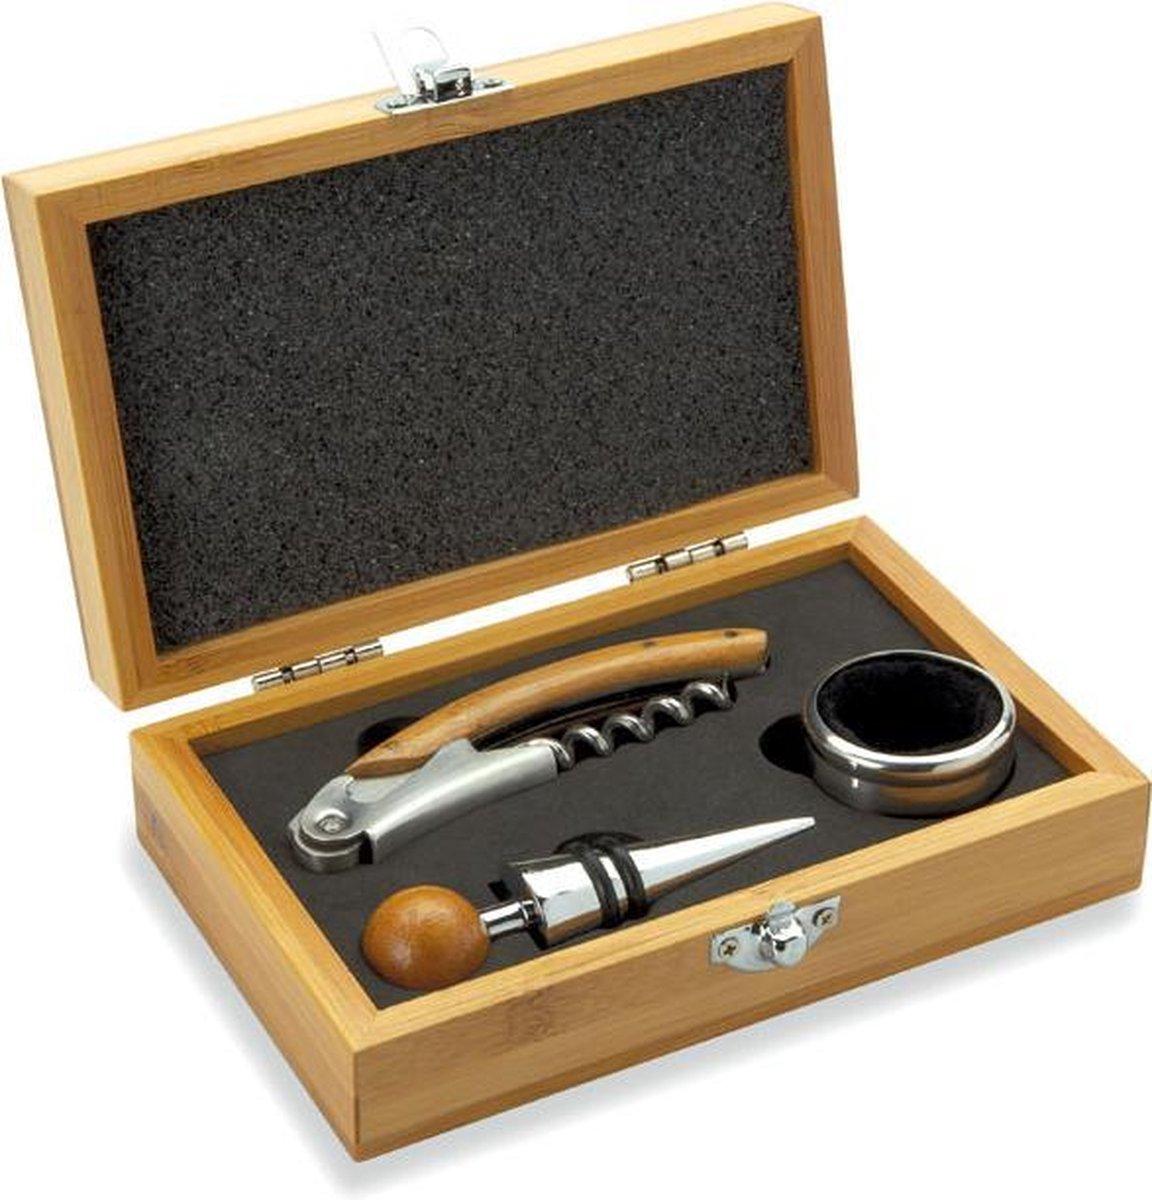 Wijnset in bamboe giftbox - Incl. kurkentrekker, wijnring, wijnstopper - RVS - Roestvrijstaal - Bamboo